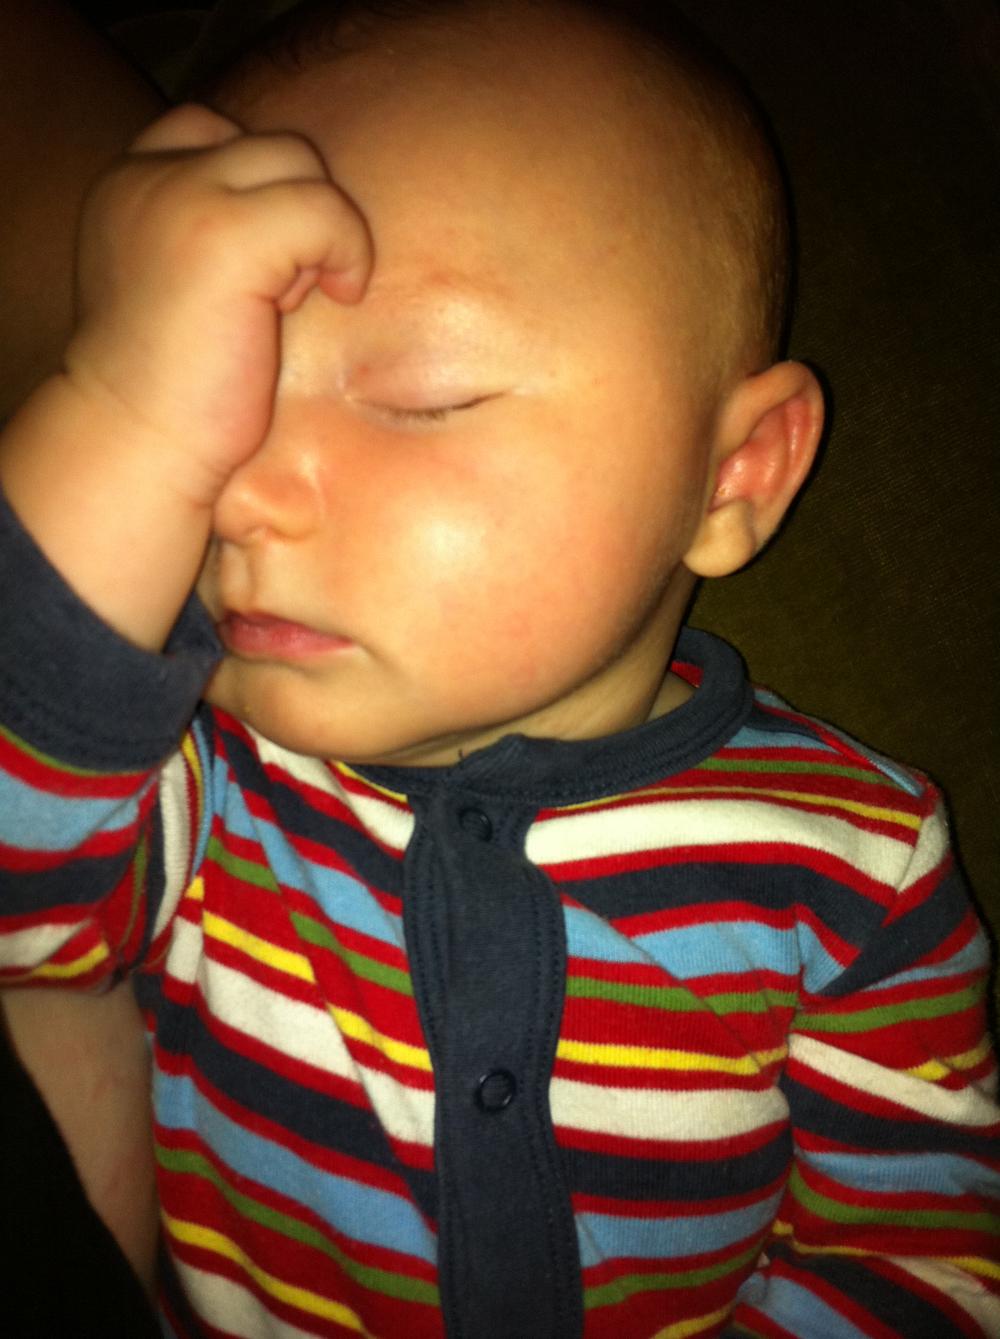 Sleeping Baby, Exhausted Mama